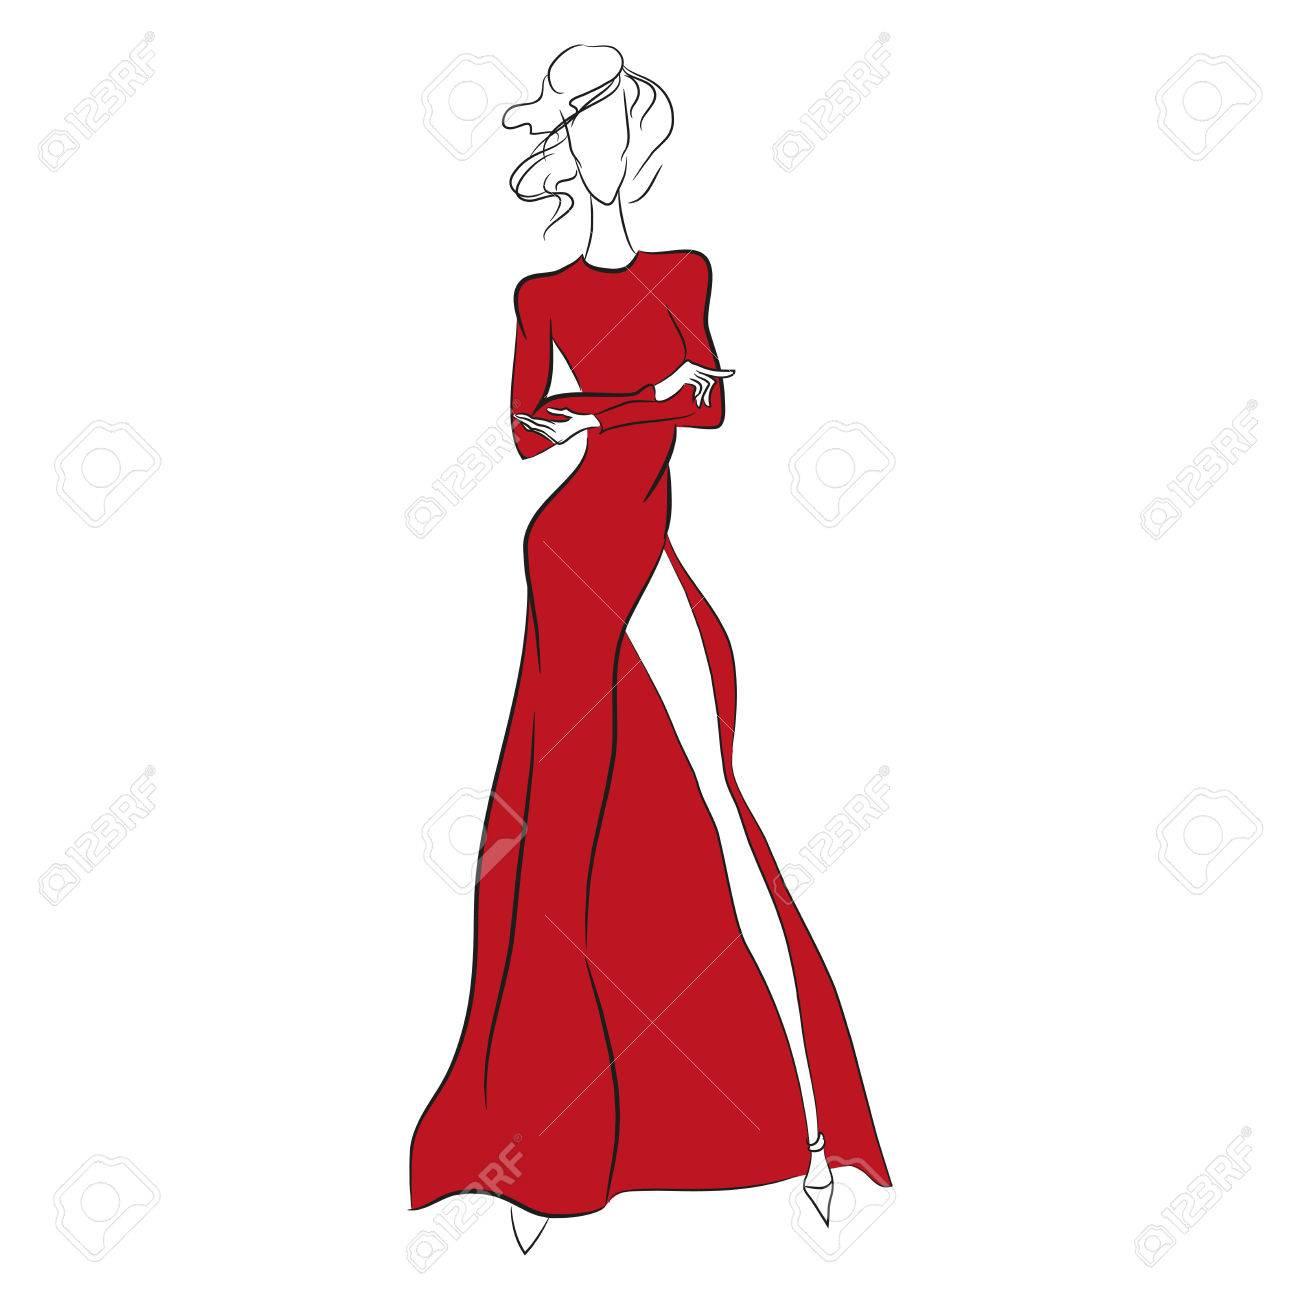 Vector De Boceto De Moda Modelo Hermoso Que Se Coloca En El Vestido Rojo Magnífico Largo Con El Alto Corte Mangas Largas Silueta Del Cuerpo Flaco